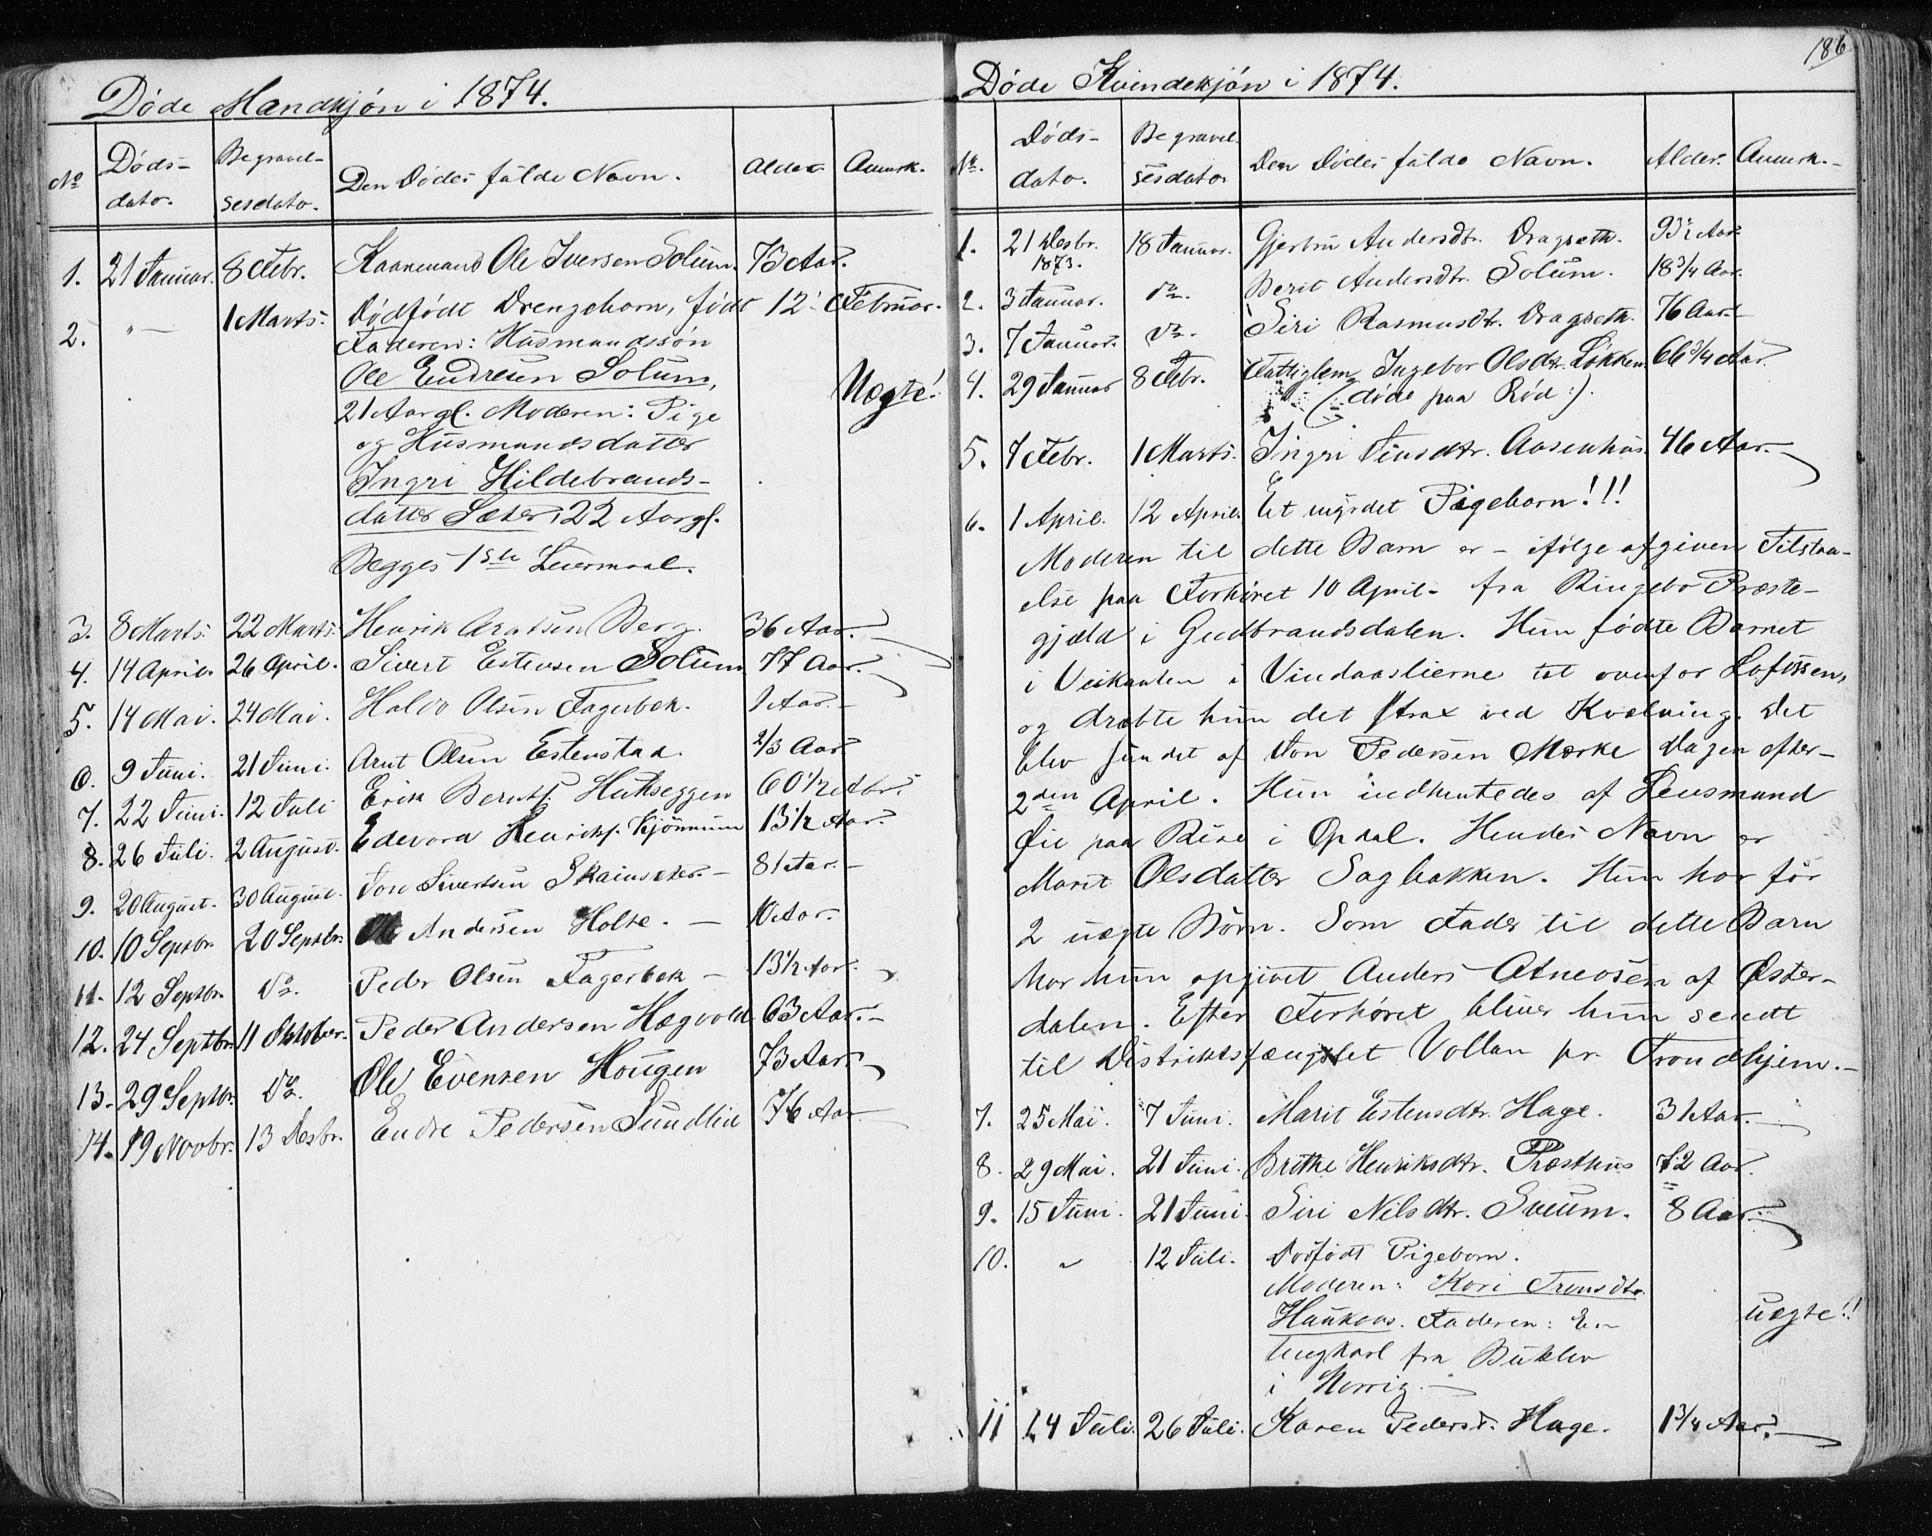 SAT, Ministerialprotokoller, klokkerbøker og fødselsregistre - Sør-Trøndelag, 689/L1043: Klokkerbok nr. 689C02, 1816-1892, s. 186